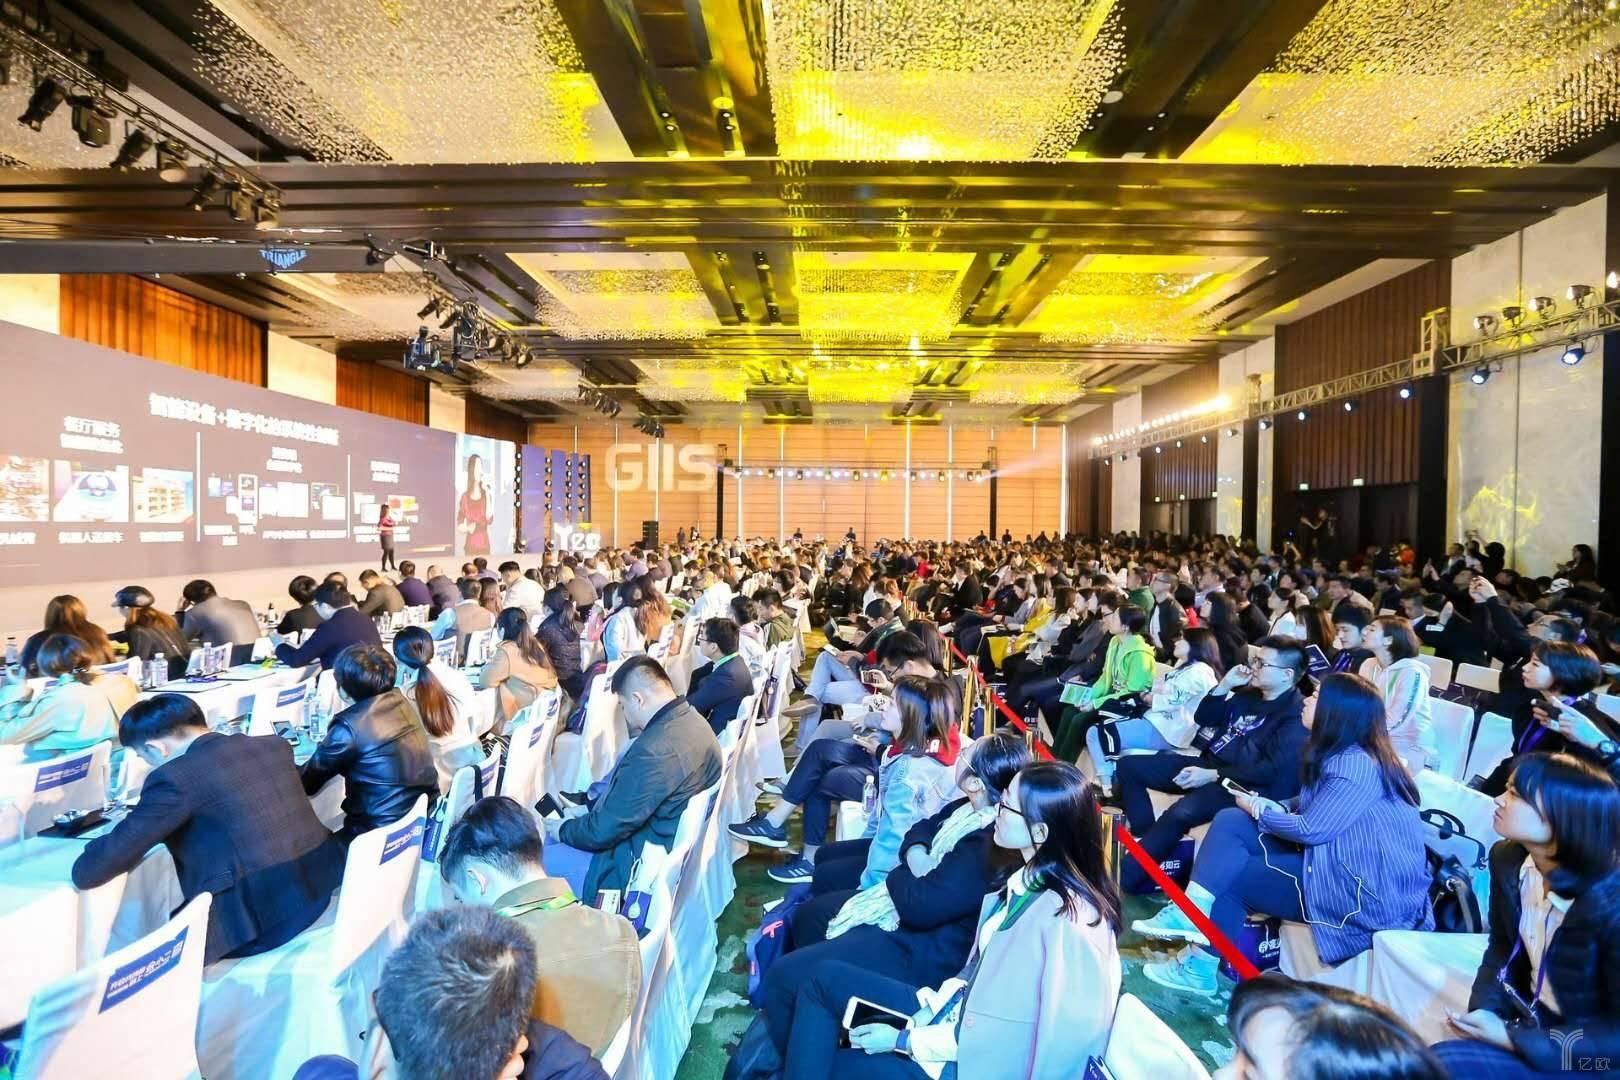 遇见新物种·GIIS2018餐饮新零售领袖峰会在京成功举办!